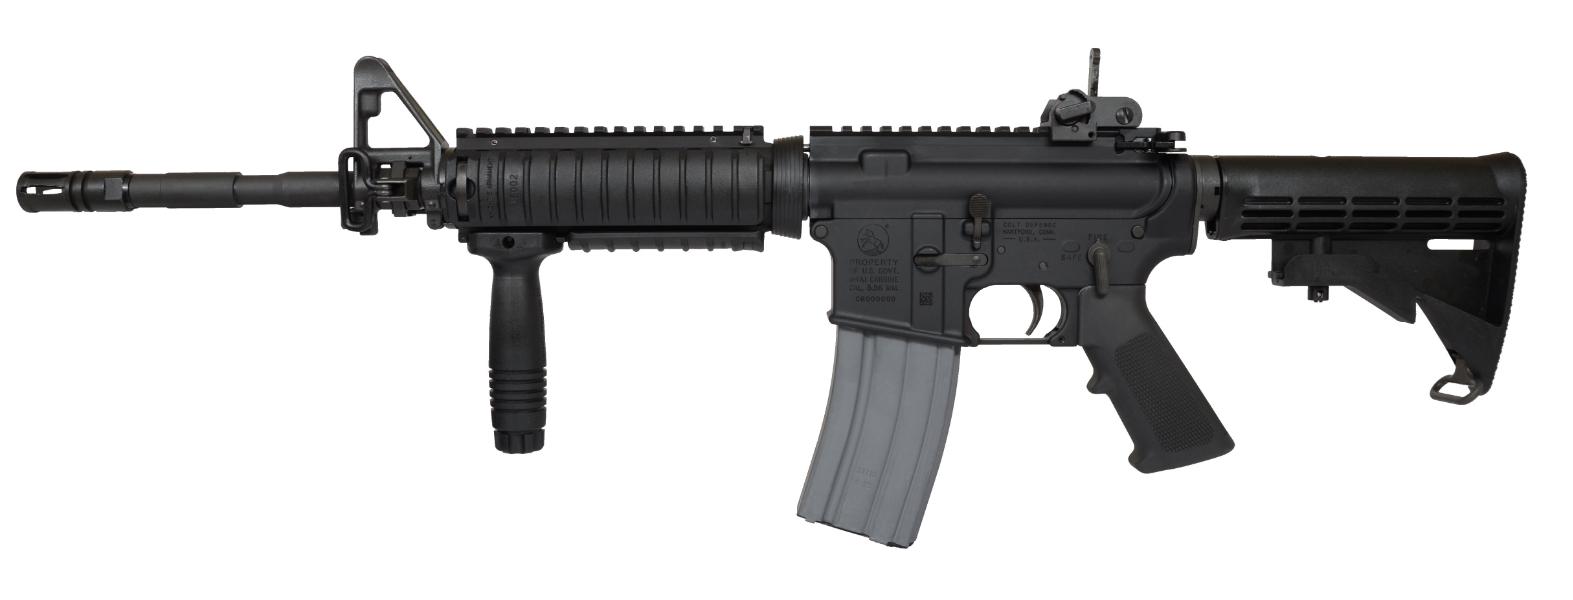 Colt LE6920 SOCOM 223 Rem | 5.56 NATO